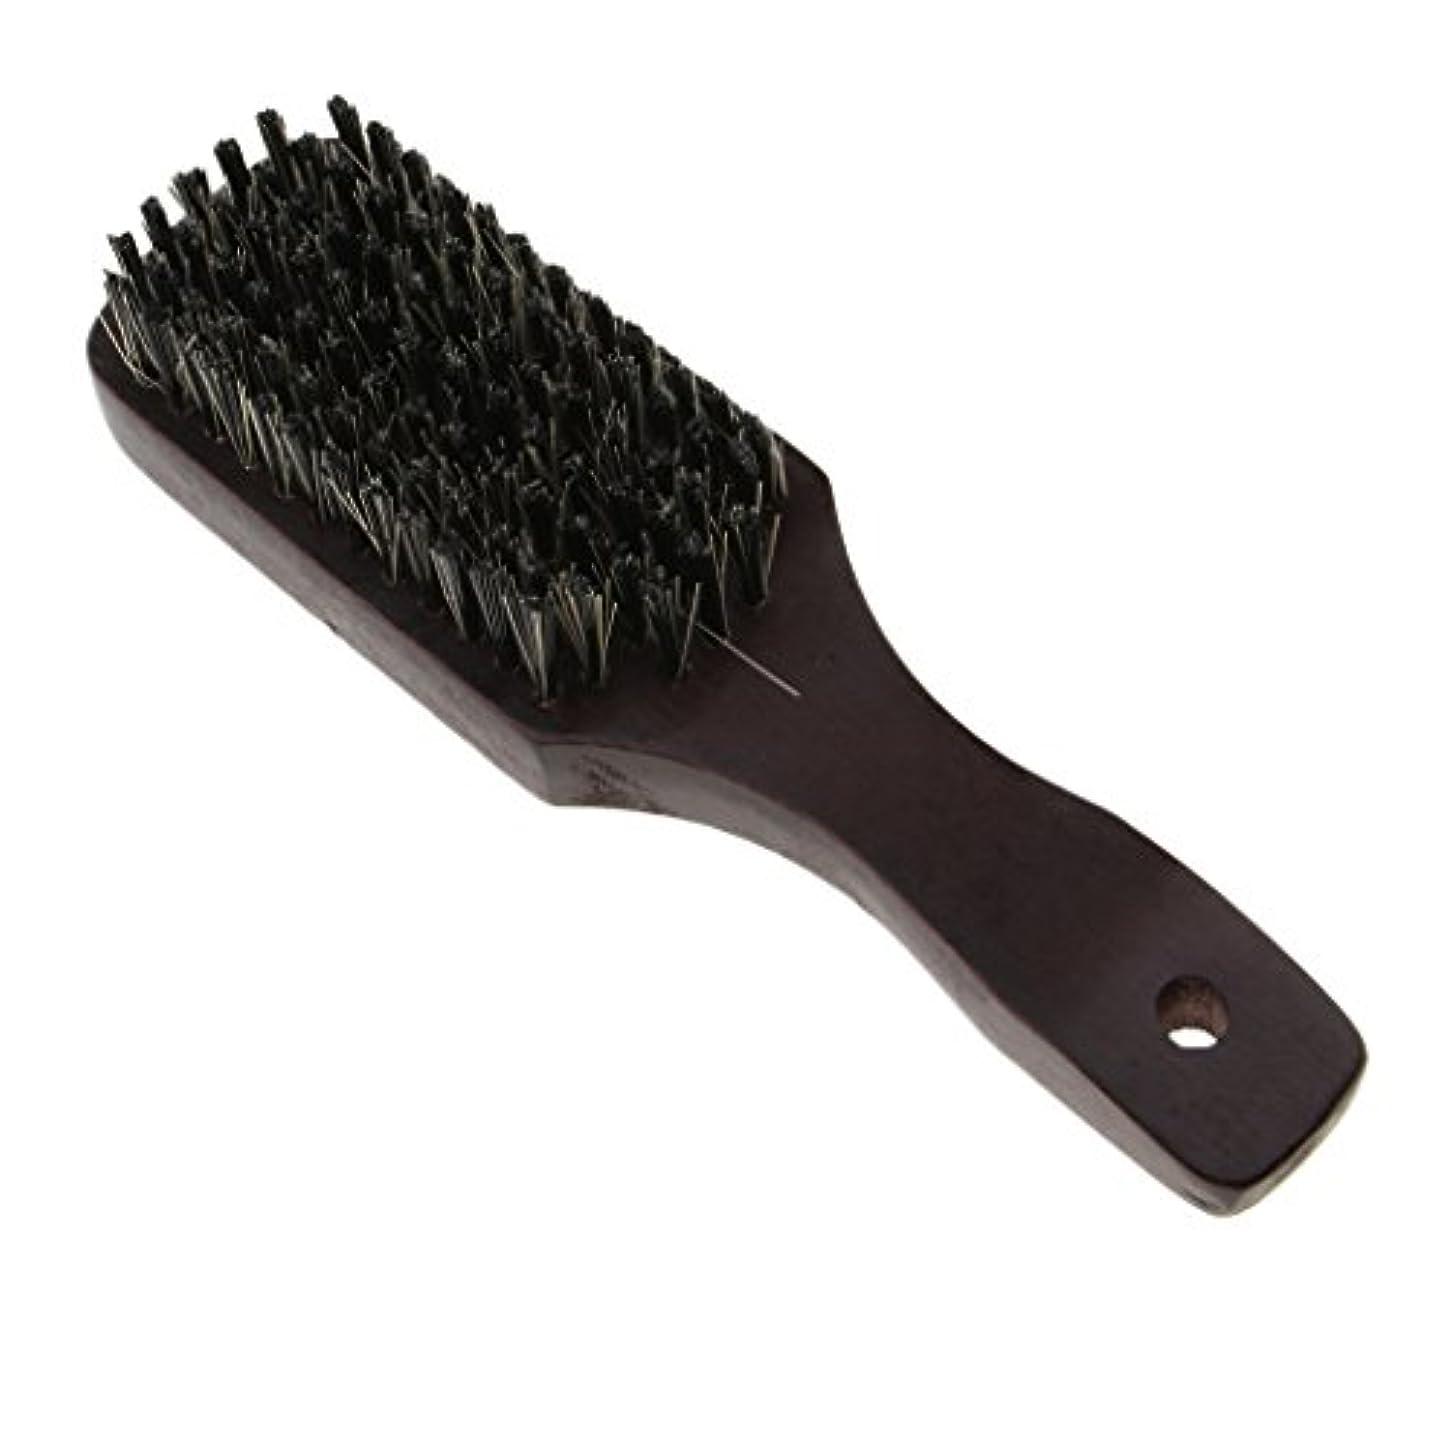 気配りのあるプラスチックよく話されるヘアブラシ 髪の櫛 木製 サロン バリバー アフロ ヘアピック ブラシ 櫛